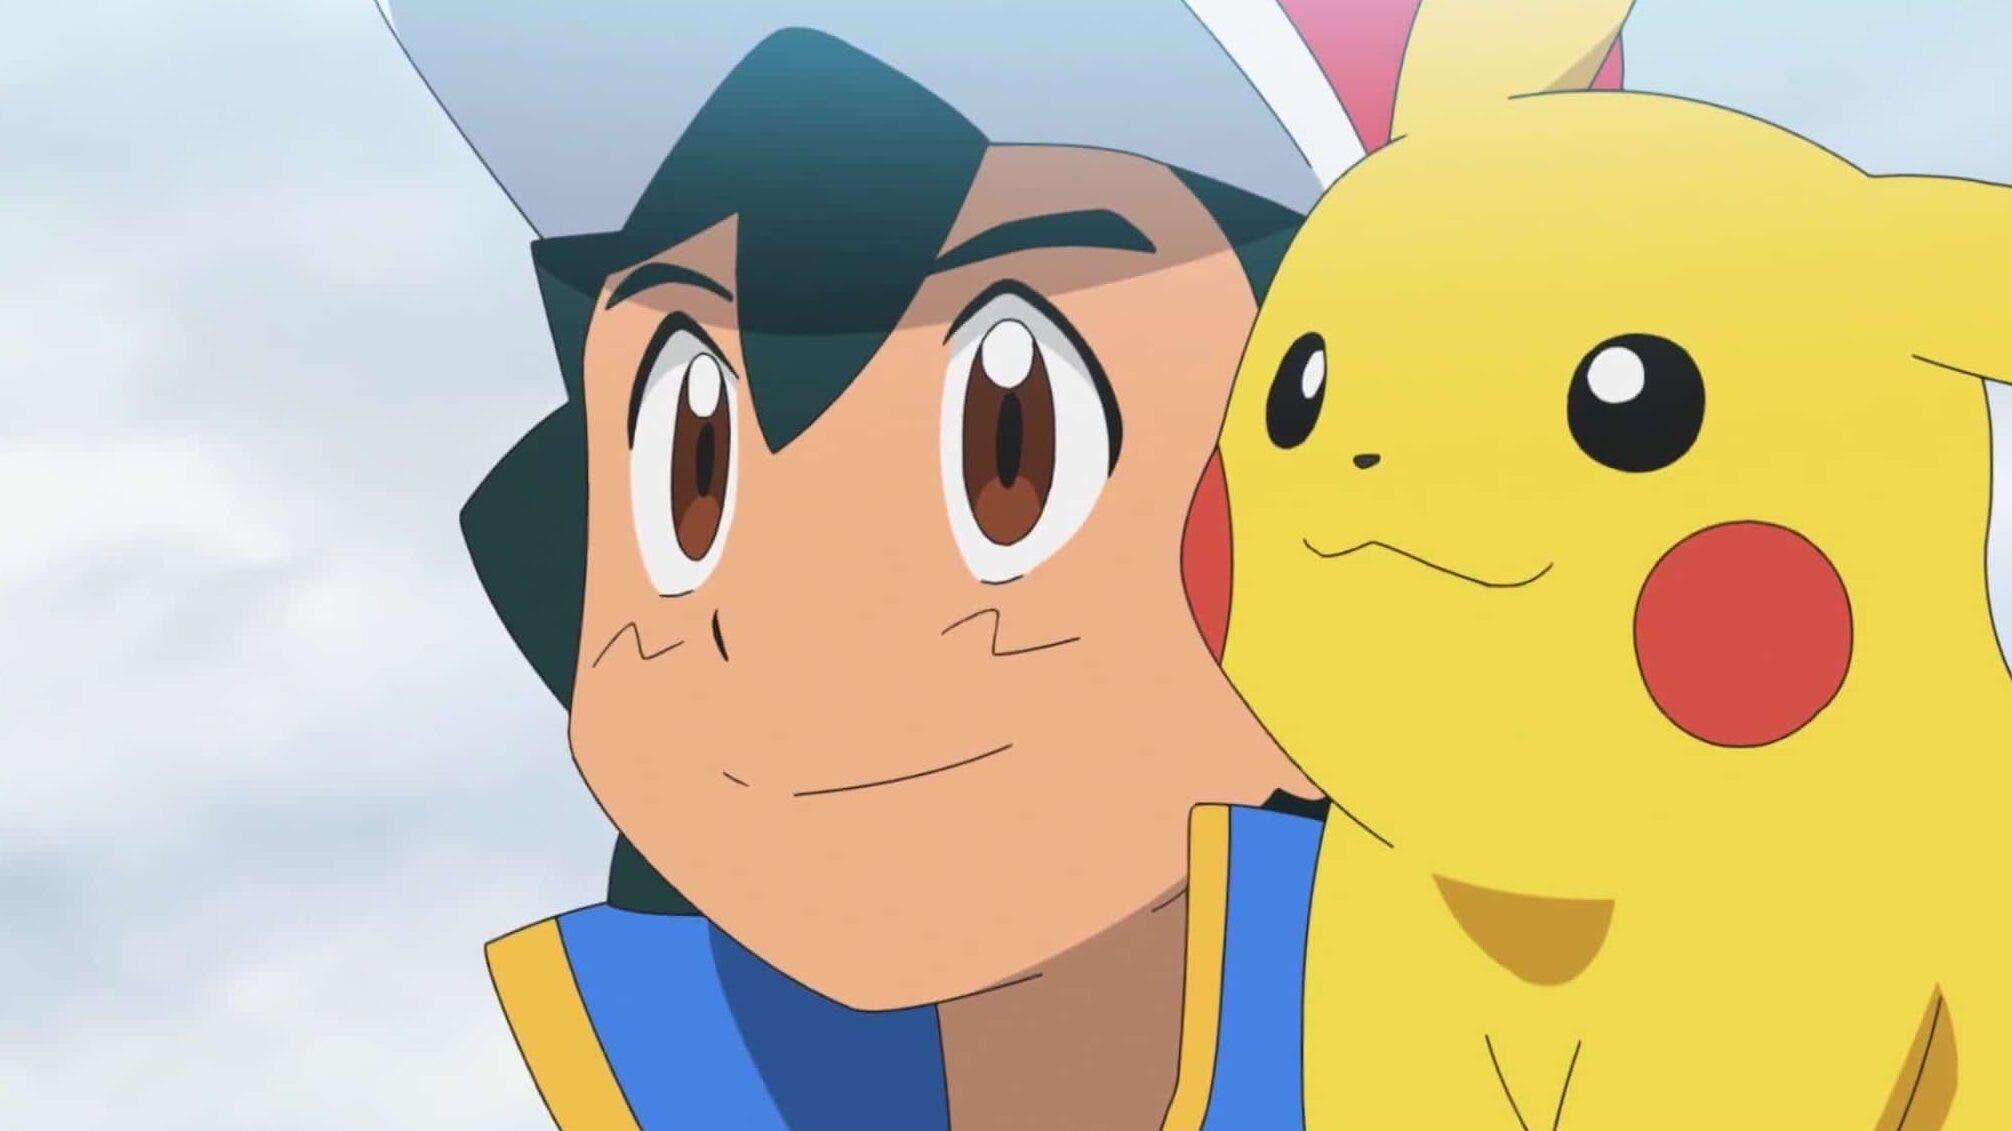 Por fin conocemos el objetivo de Ash en el nuevo anime de Pokémon